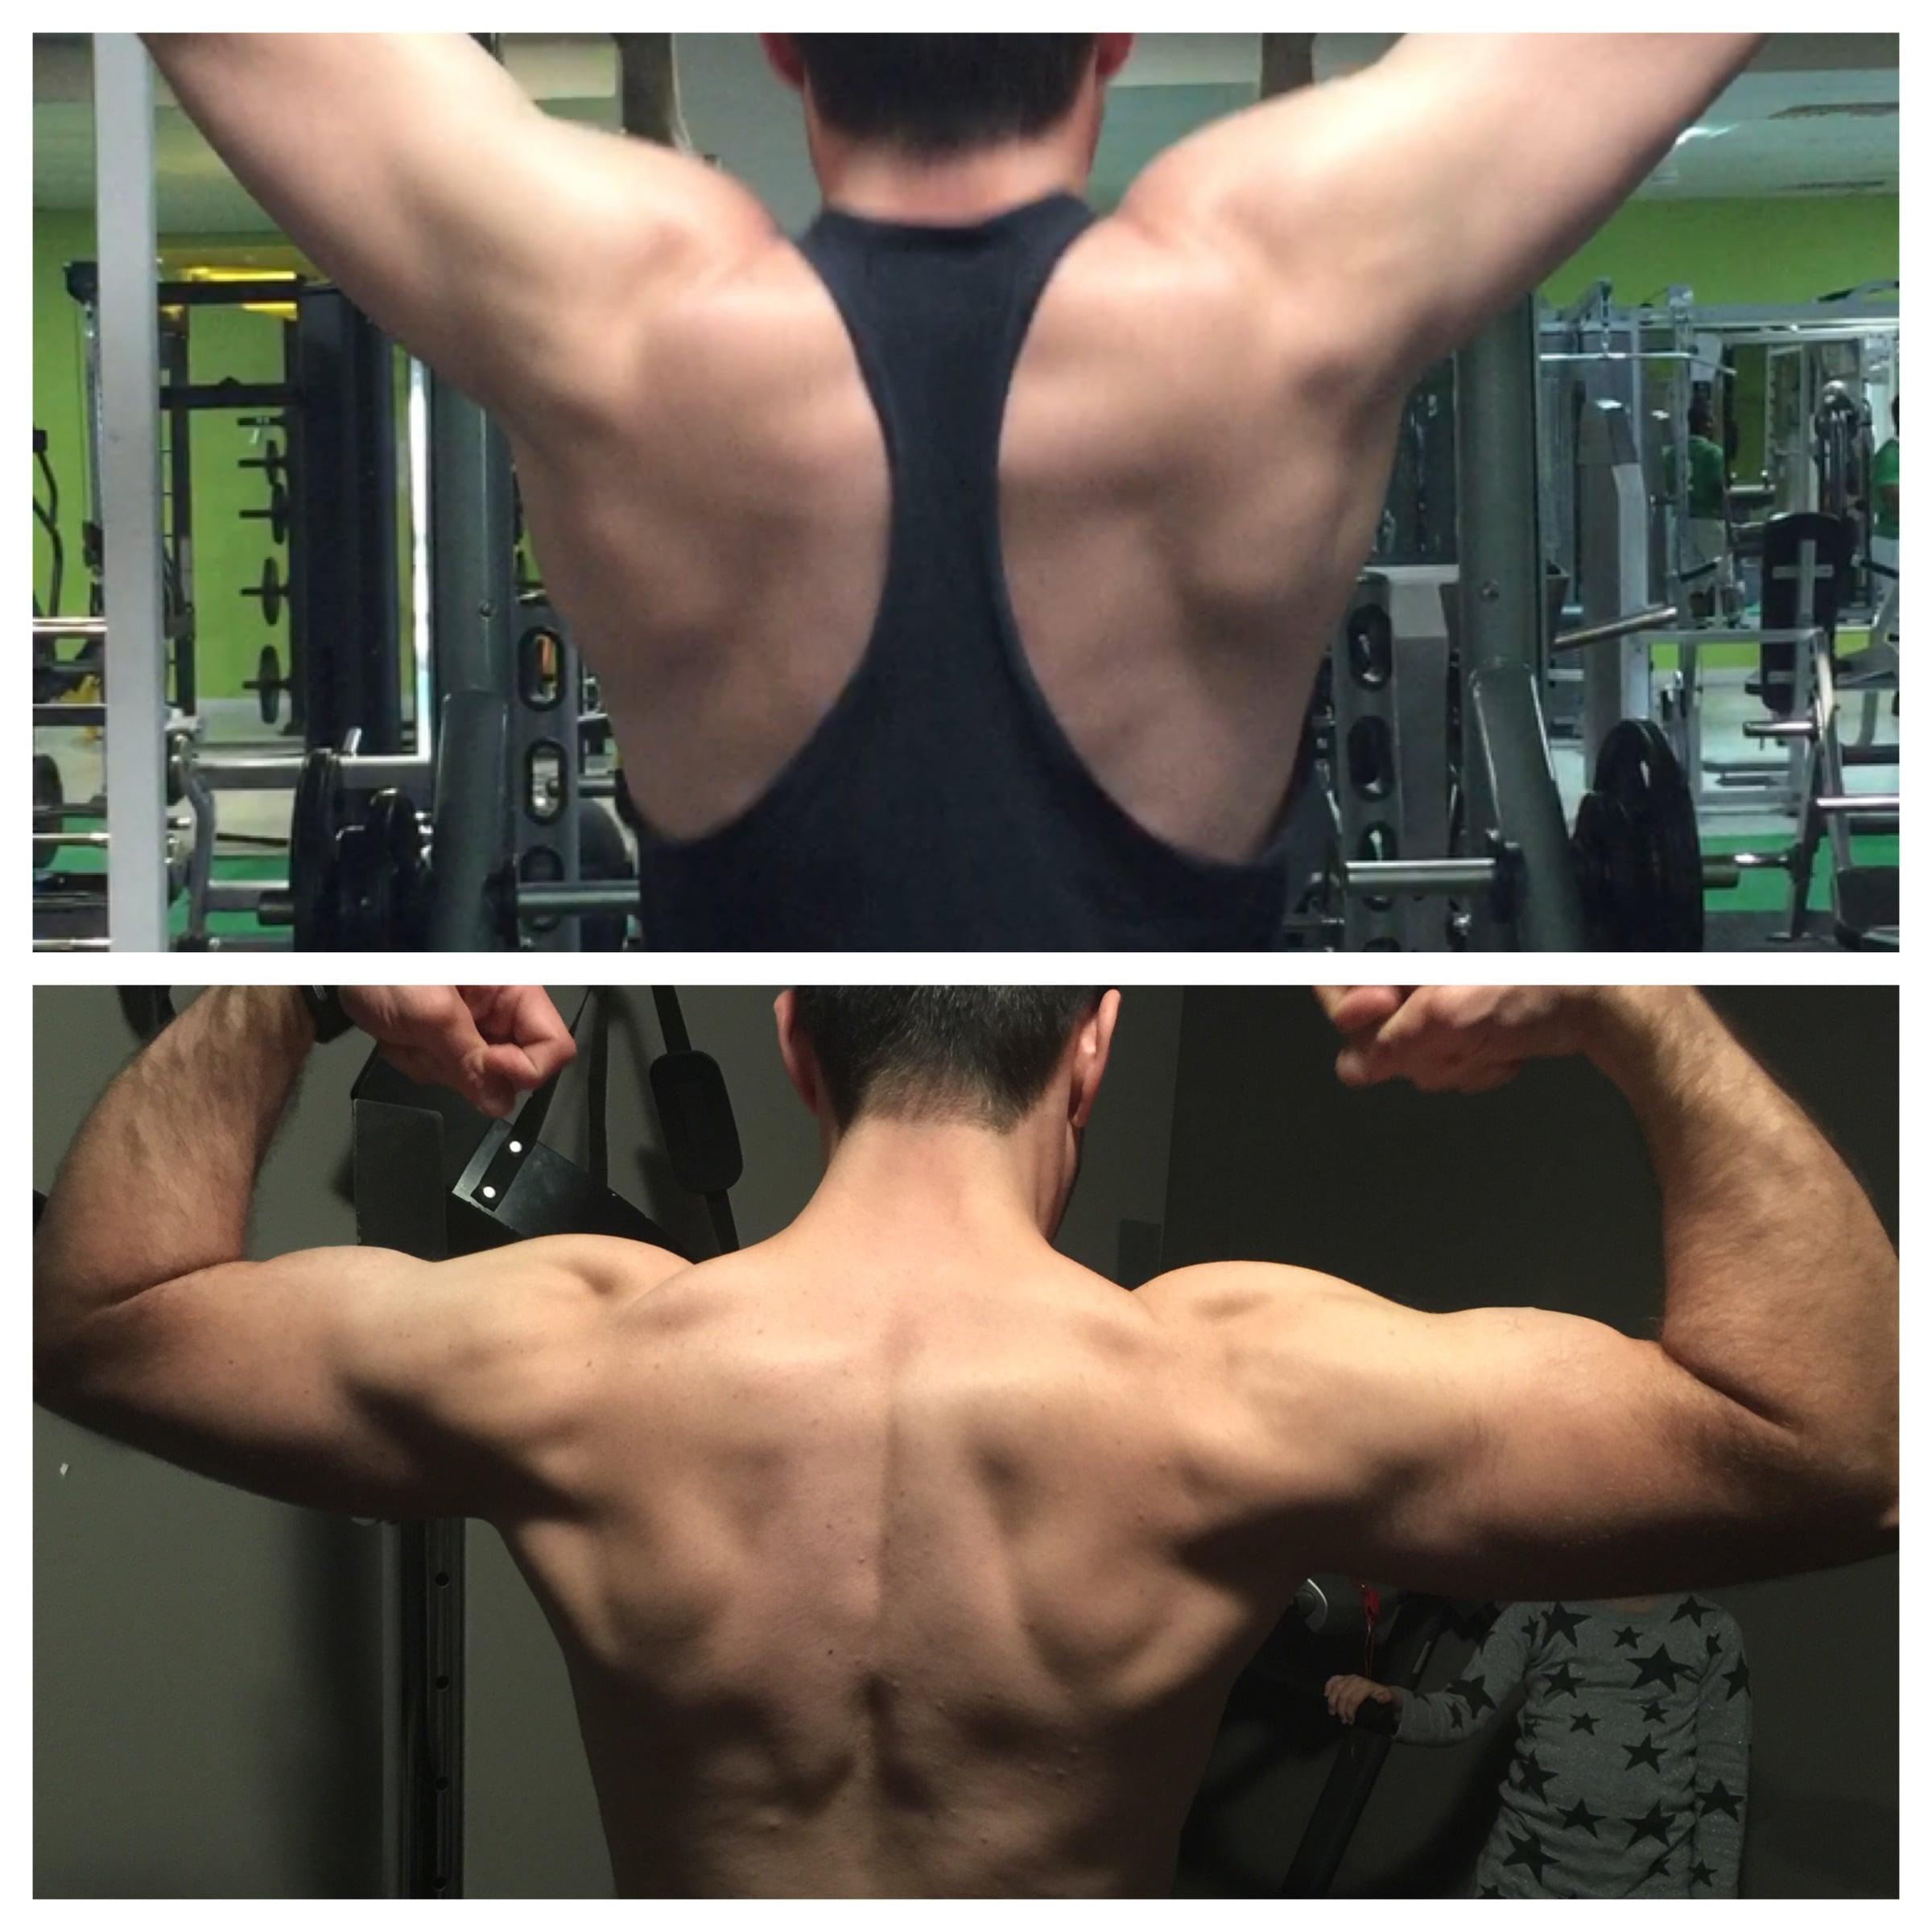 Damien Transformation